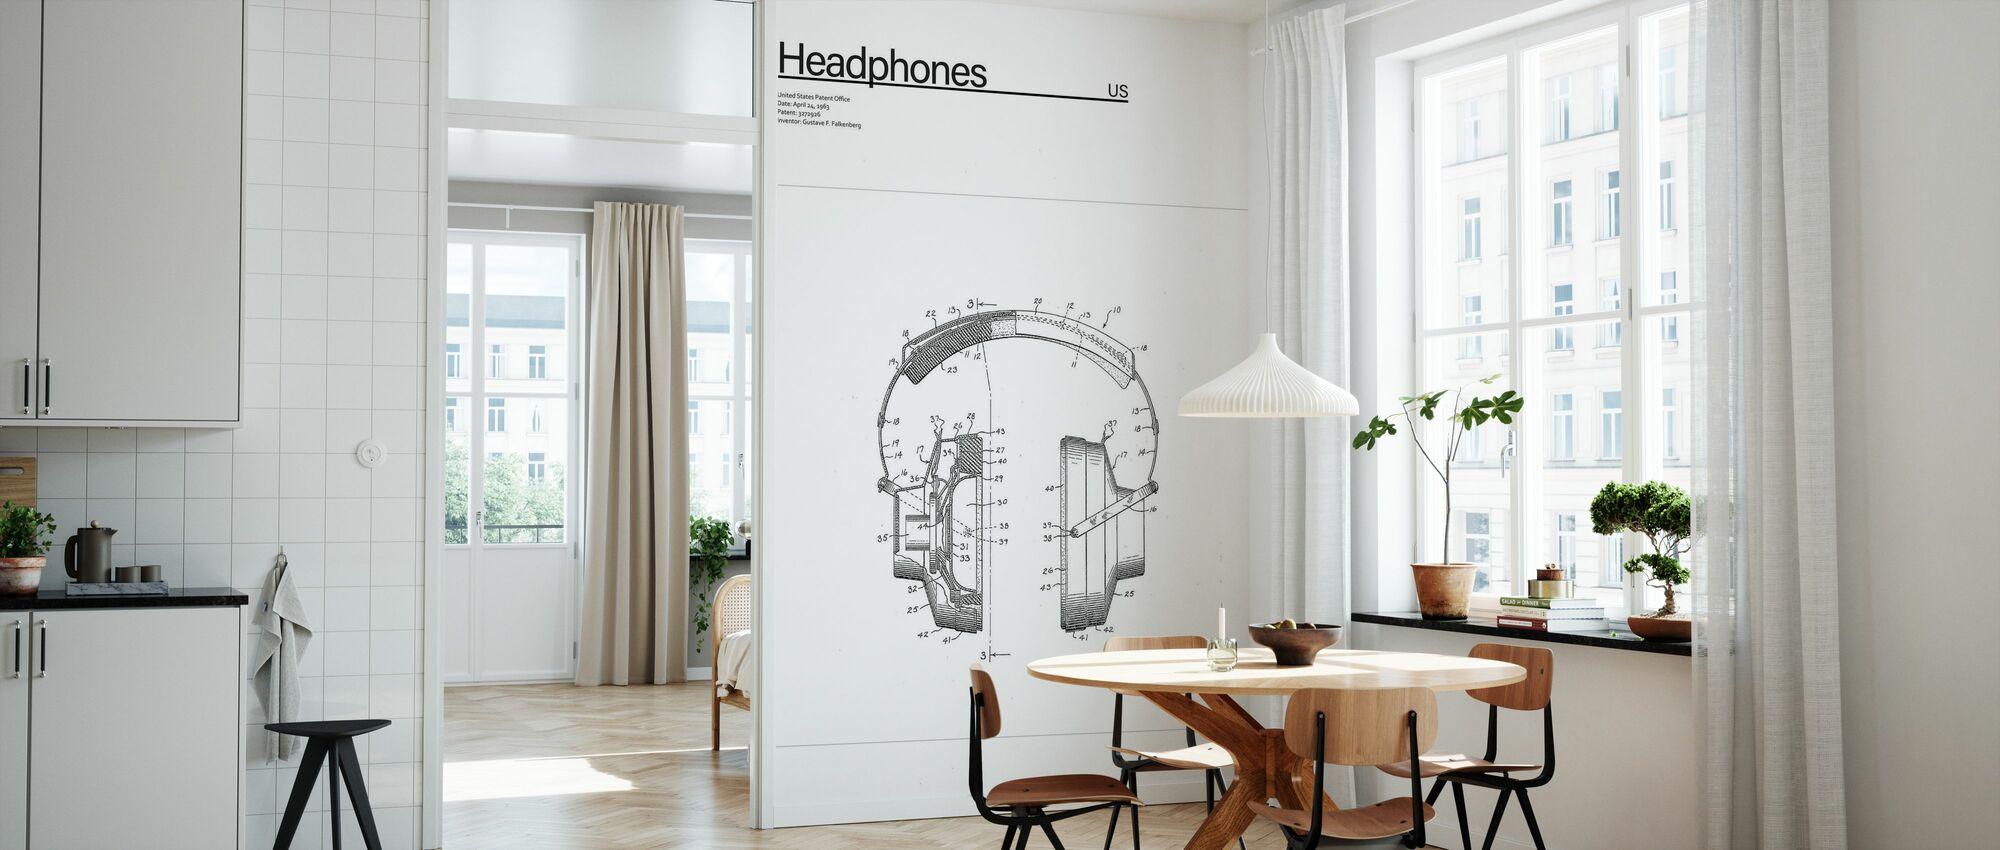 Patent Headpones - Wallpaper - Kitchen